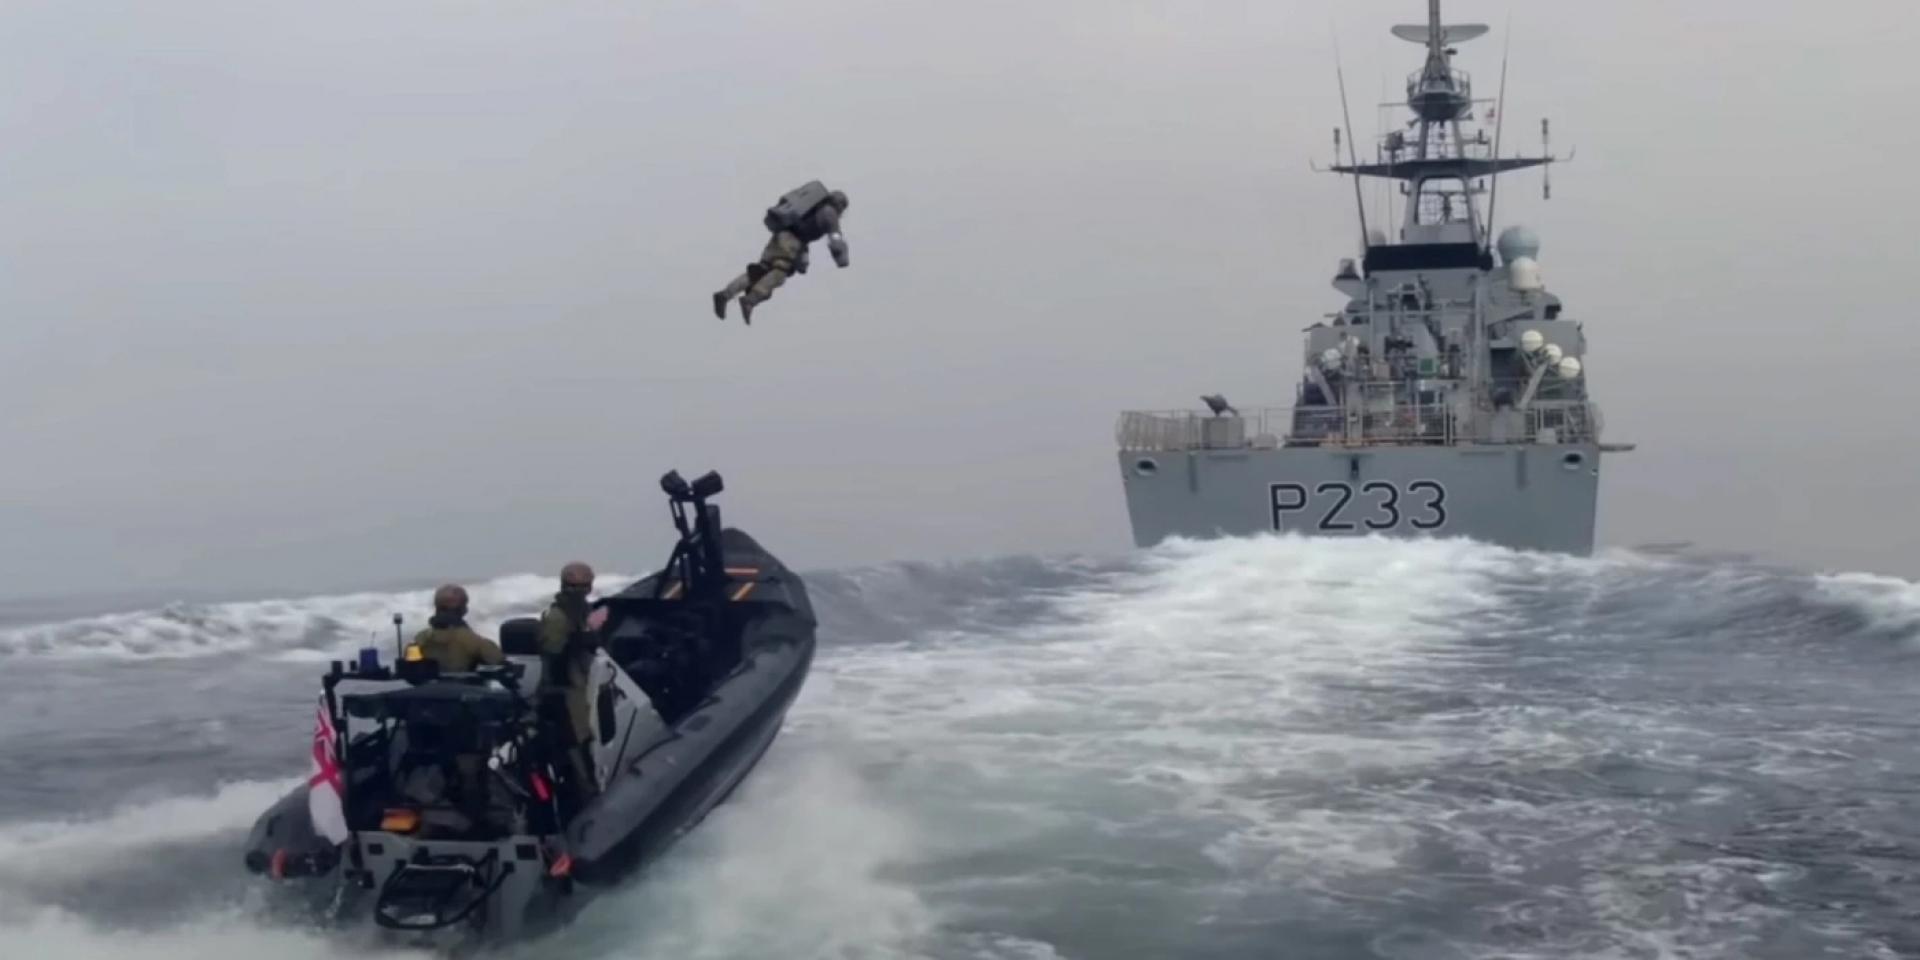 鋼鐵人降臨?英國海軍陸戰隊噴射飛行服登艦實測曝光!